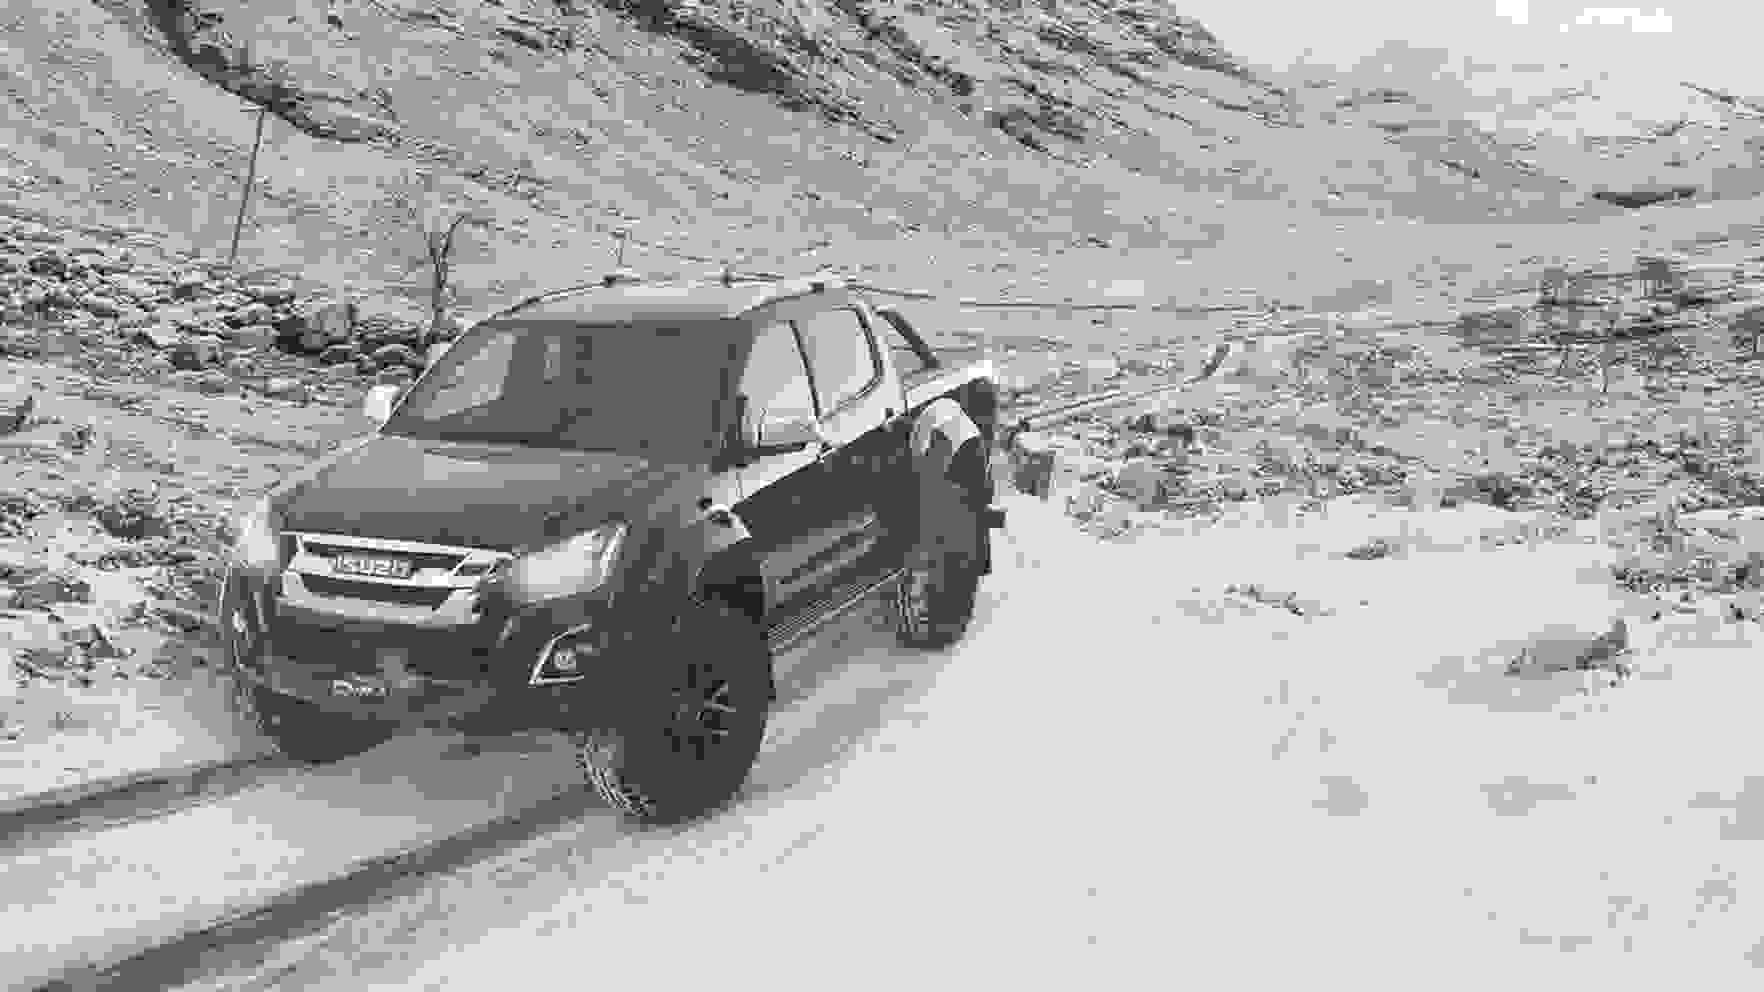 D-Max Arctic Trucks AT35